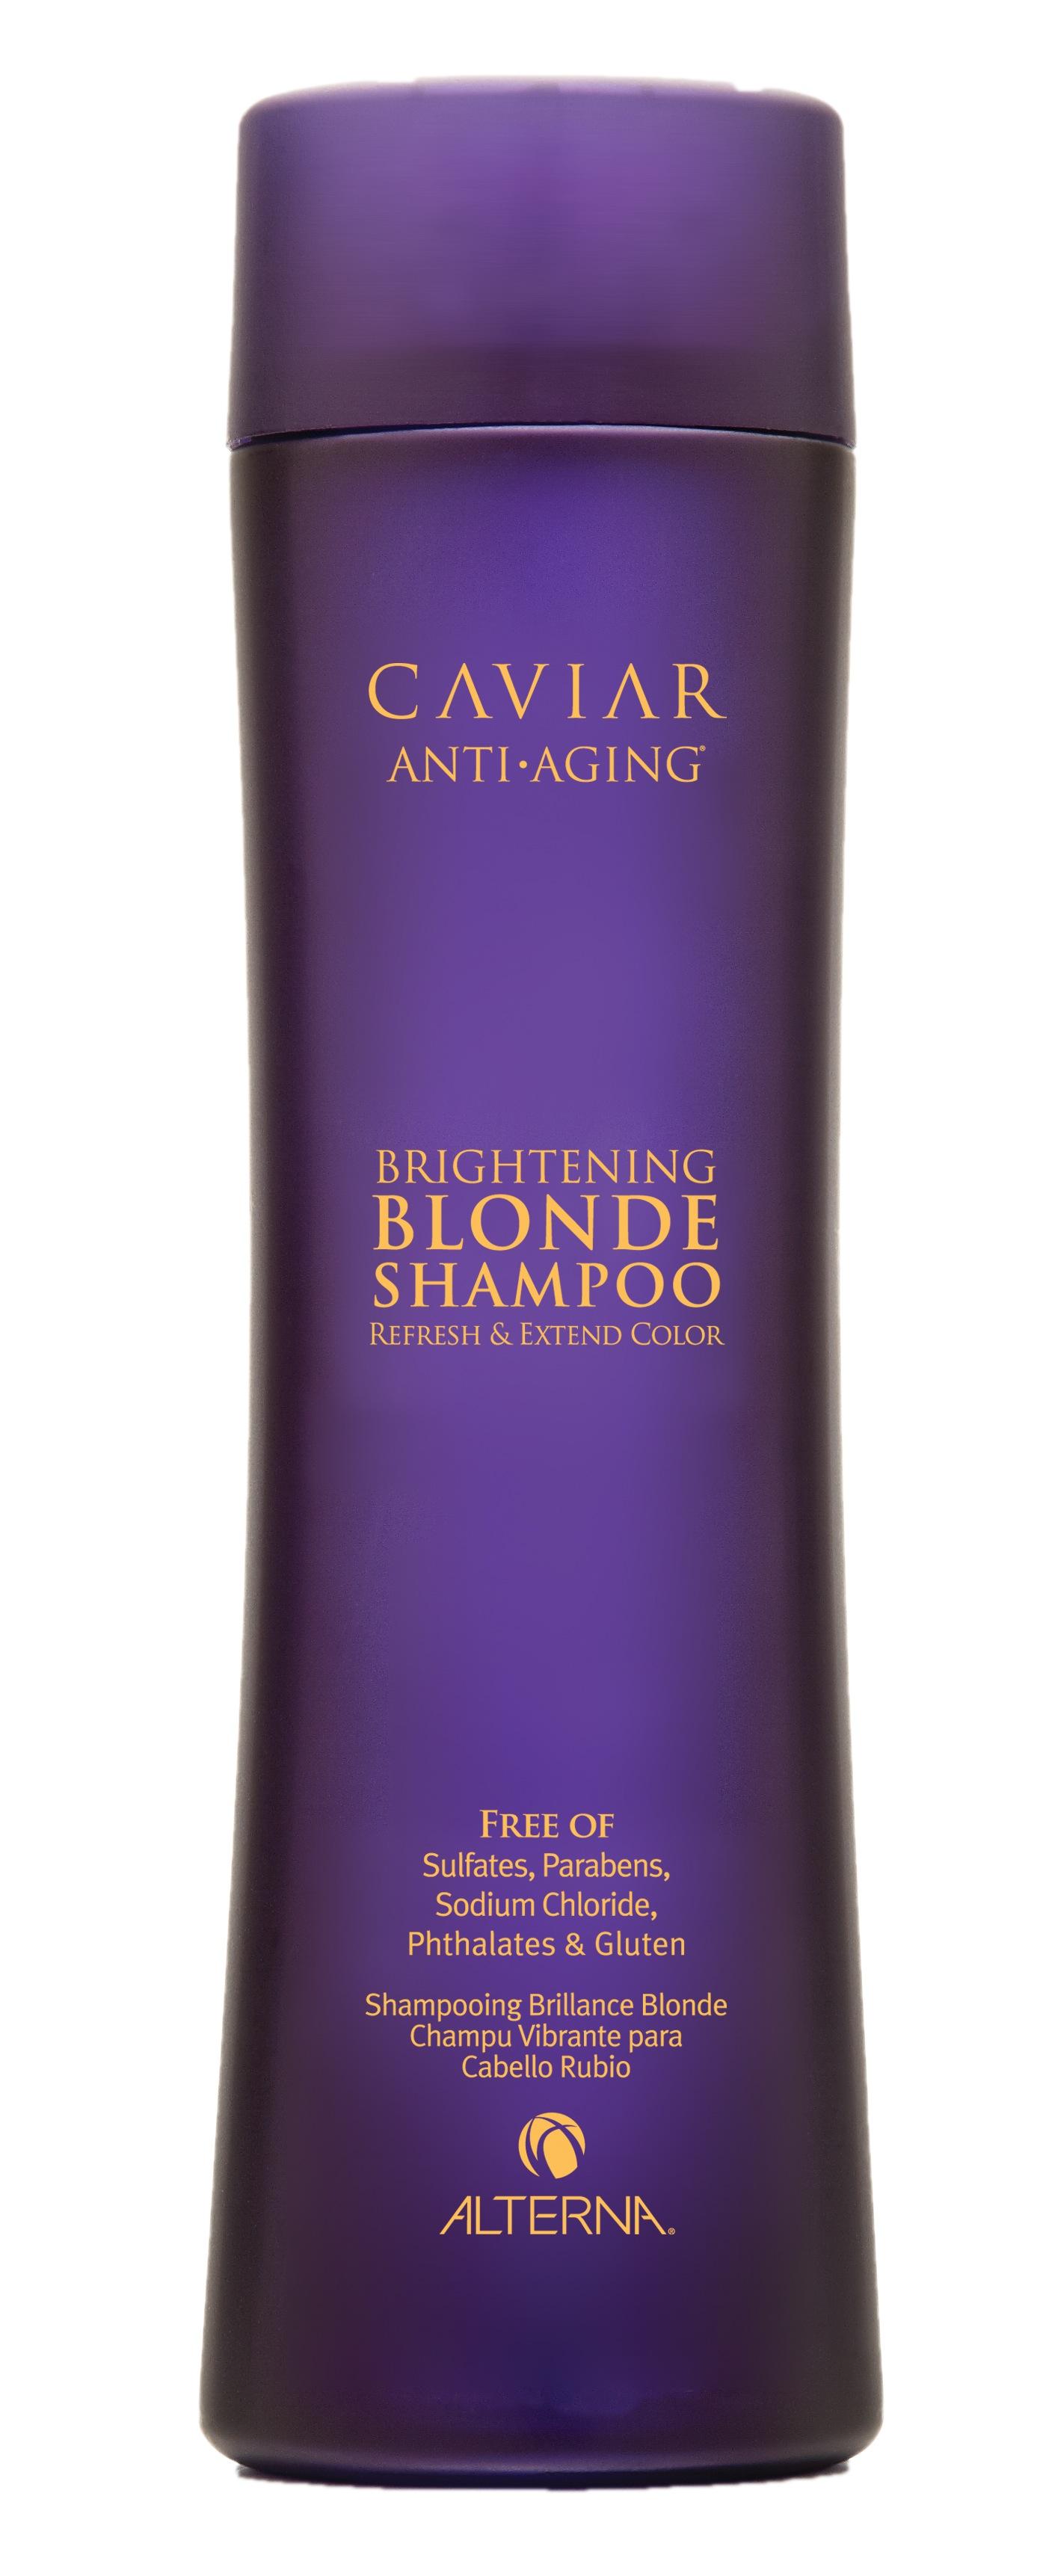 ALTERNA Шампунь с морским шелком для светлых волос / CAVIAR BLONDE 250млШампуни<br>Мягкий шампунь, не содержащий агрессивных сульфатов, на основе запатентованной формулы Caviar anti-aging seasilk предназначен для деликатного очищения волос светлых тонов. Освежает и оживляет оттенки, придавая волосам равномерное сияние. Усиливает оптическое проявление мелирования, помогает нейтрализовать желтизну, насыщая блеском обесцвеченные, осветленные волосы. Обеспечивает защиту цвета, борется с видимыми признаками старения, усиливает сопротивляемость поврежденных, хрупких волос агрессивным внешним и внутренним воздействиям. Активные ингредиенты: морской шелк. Способ применения: нанесите Шампунь с морским шелком для светлых волос на влажные волосы, вспеньте. Выдержите пену на волосах 3 5 мин. Тщательно смойте водой, при необходимости повторите процедуру. Для лучшего результата используйте Caviar Anti-aging Brightening Blonde Conditioner.<br>